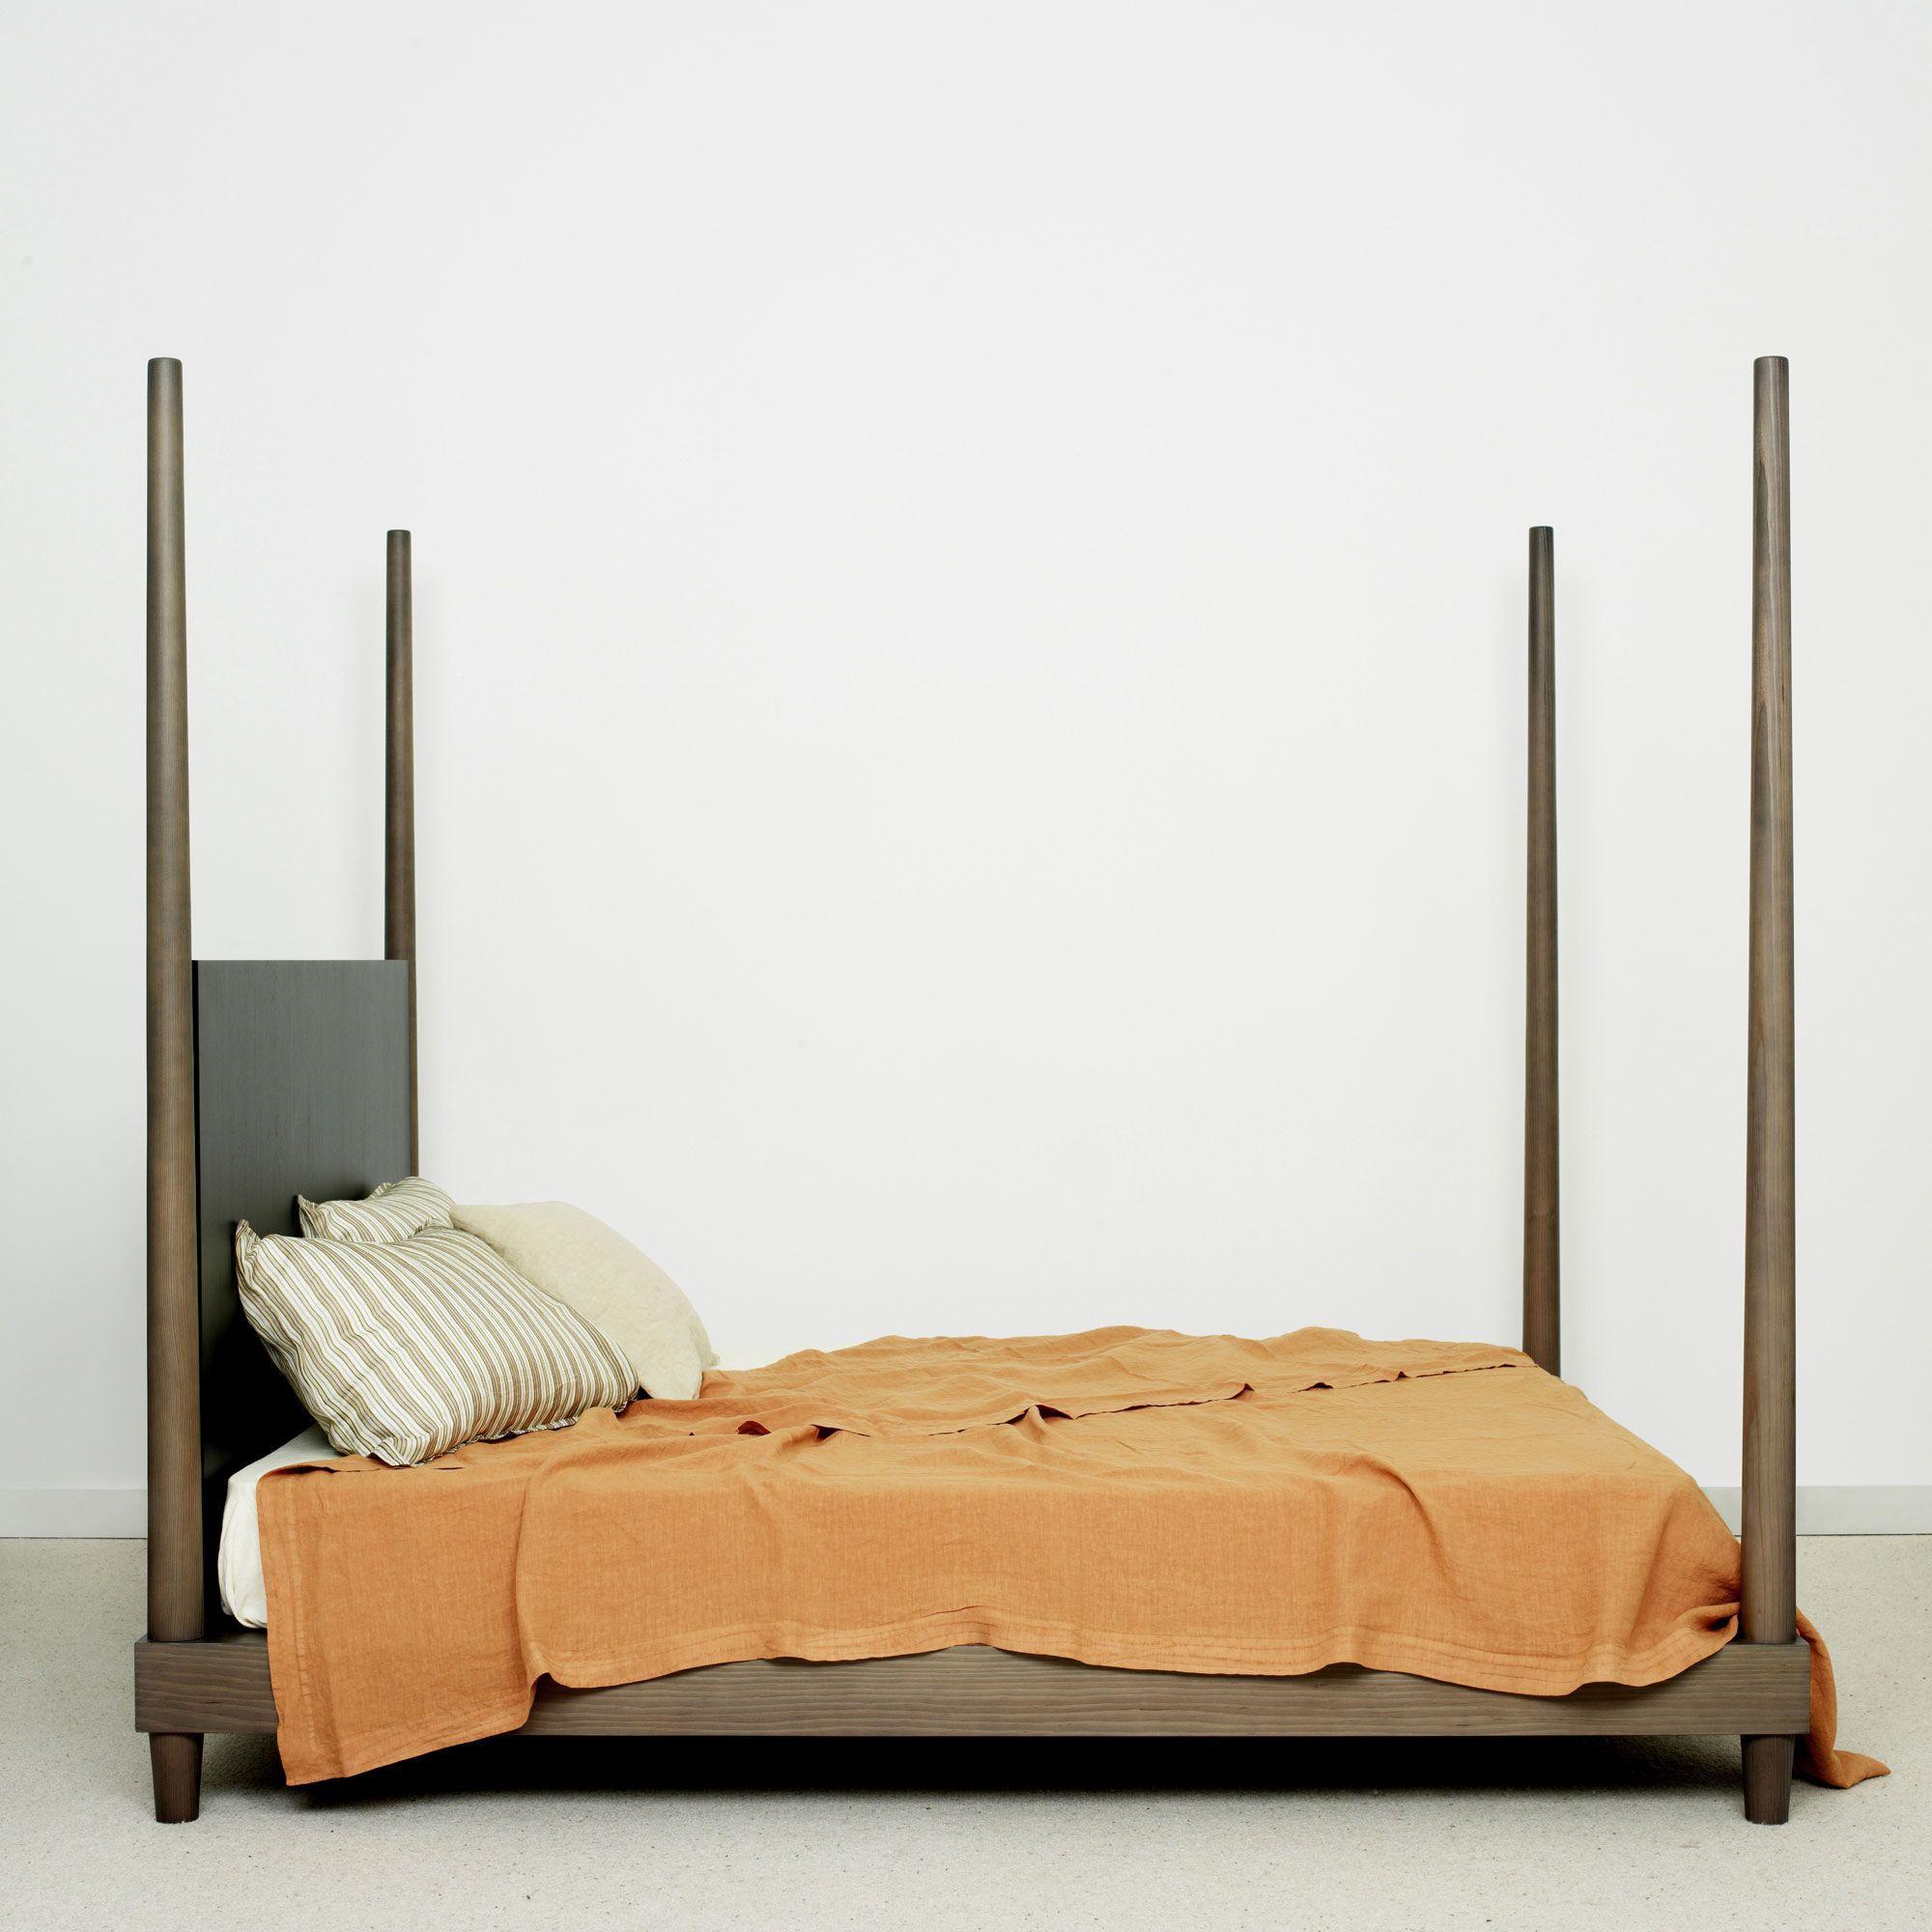 Lit pont des arts christophe delcourt muebles pinterest bedrooms penthouses and lobbies - Lit zanzariera ivano redaelli ...